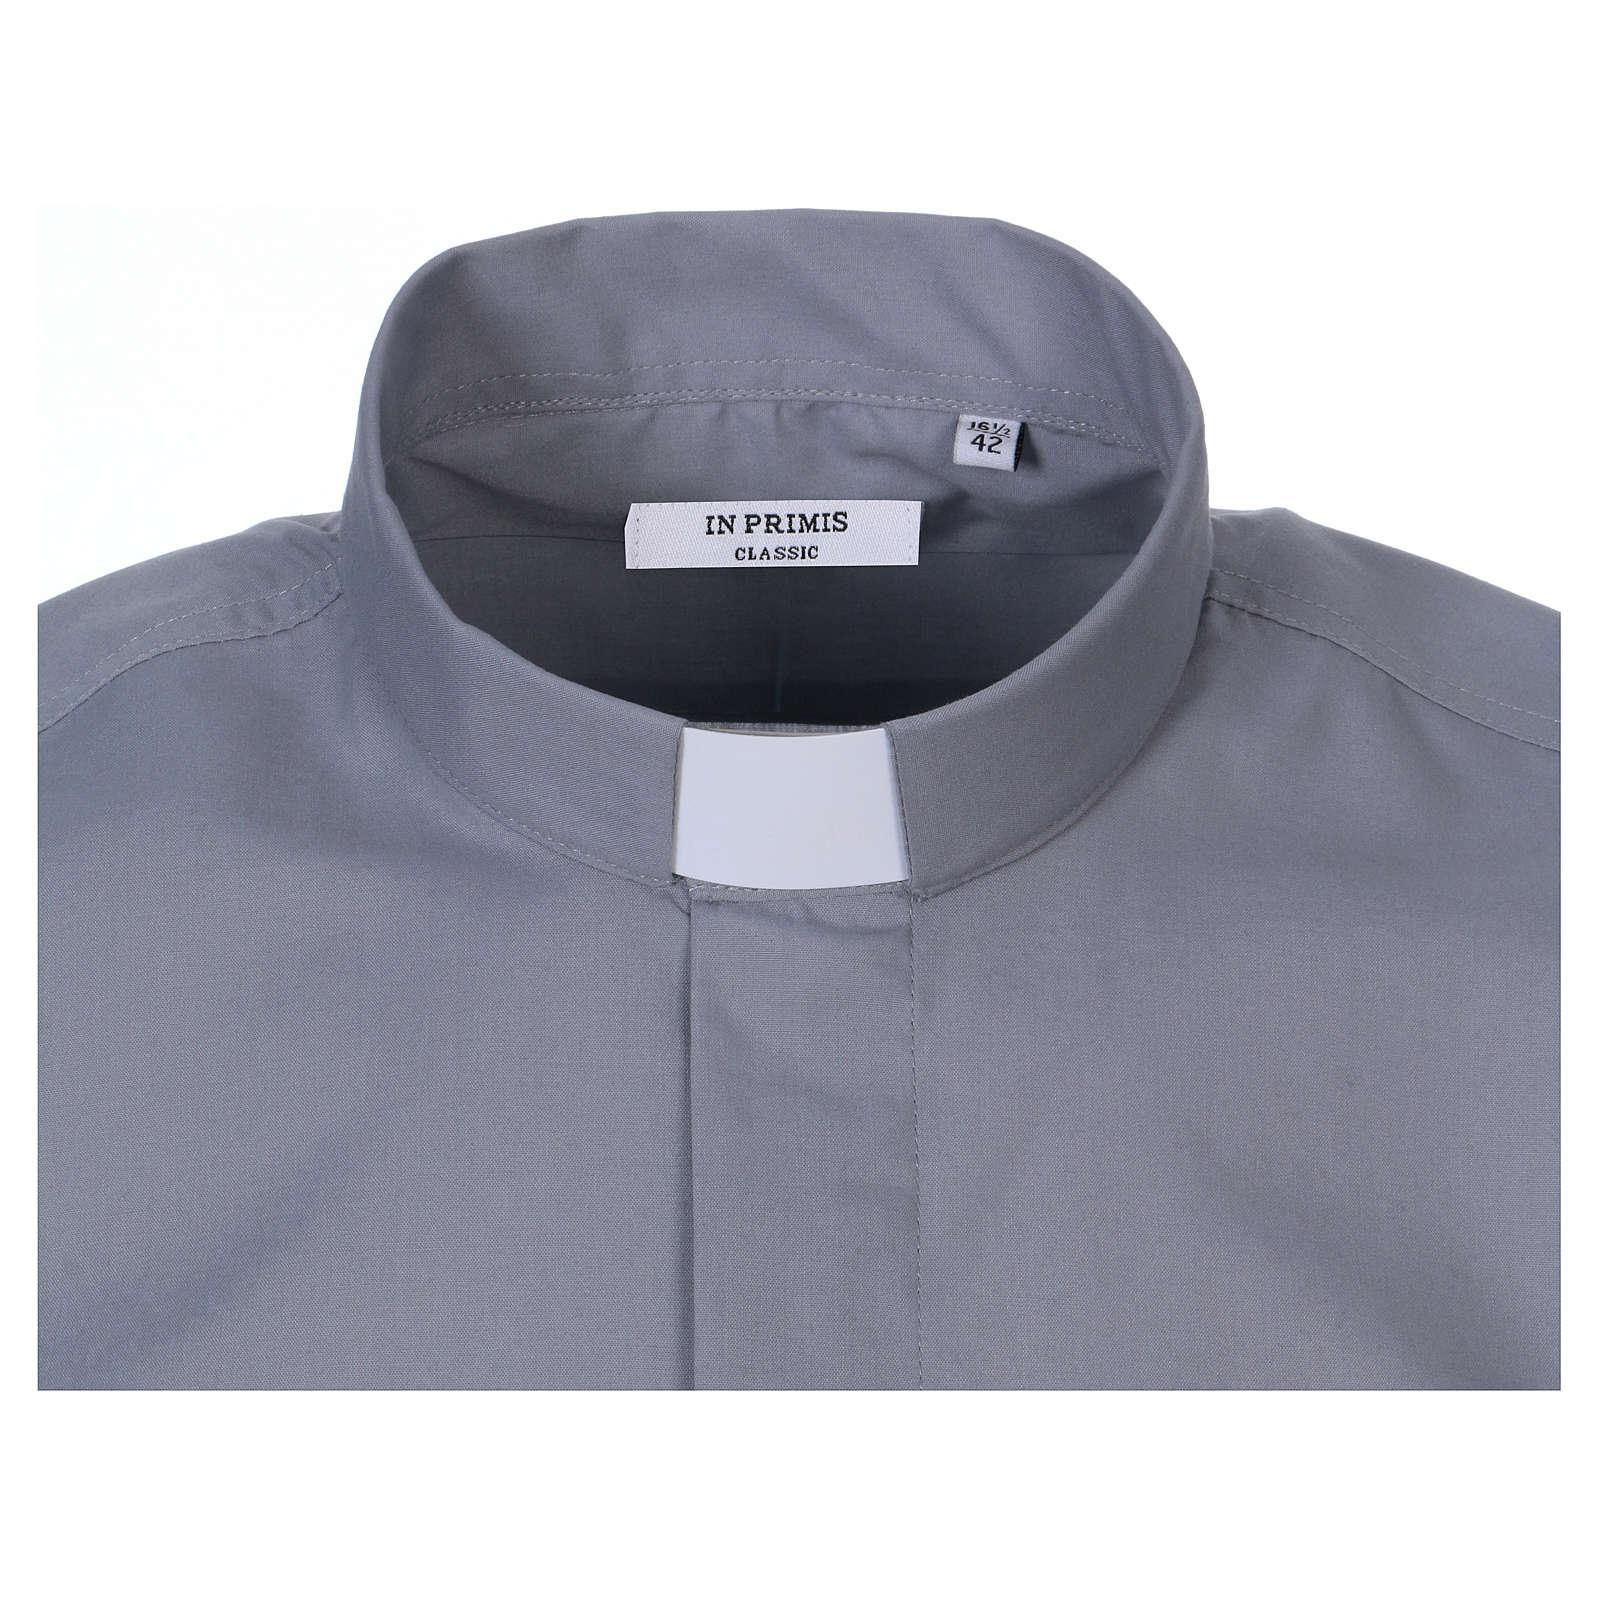 Chemise Clergyman manches courtes mixte coton gris clair 4